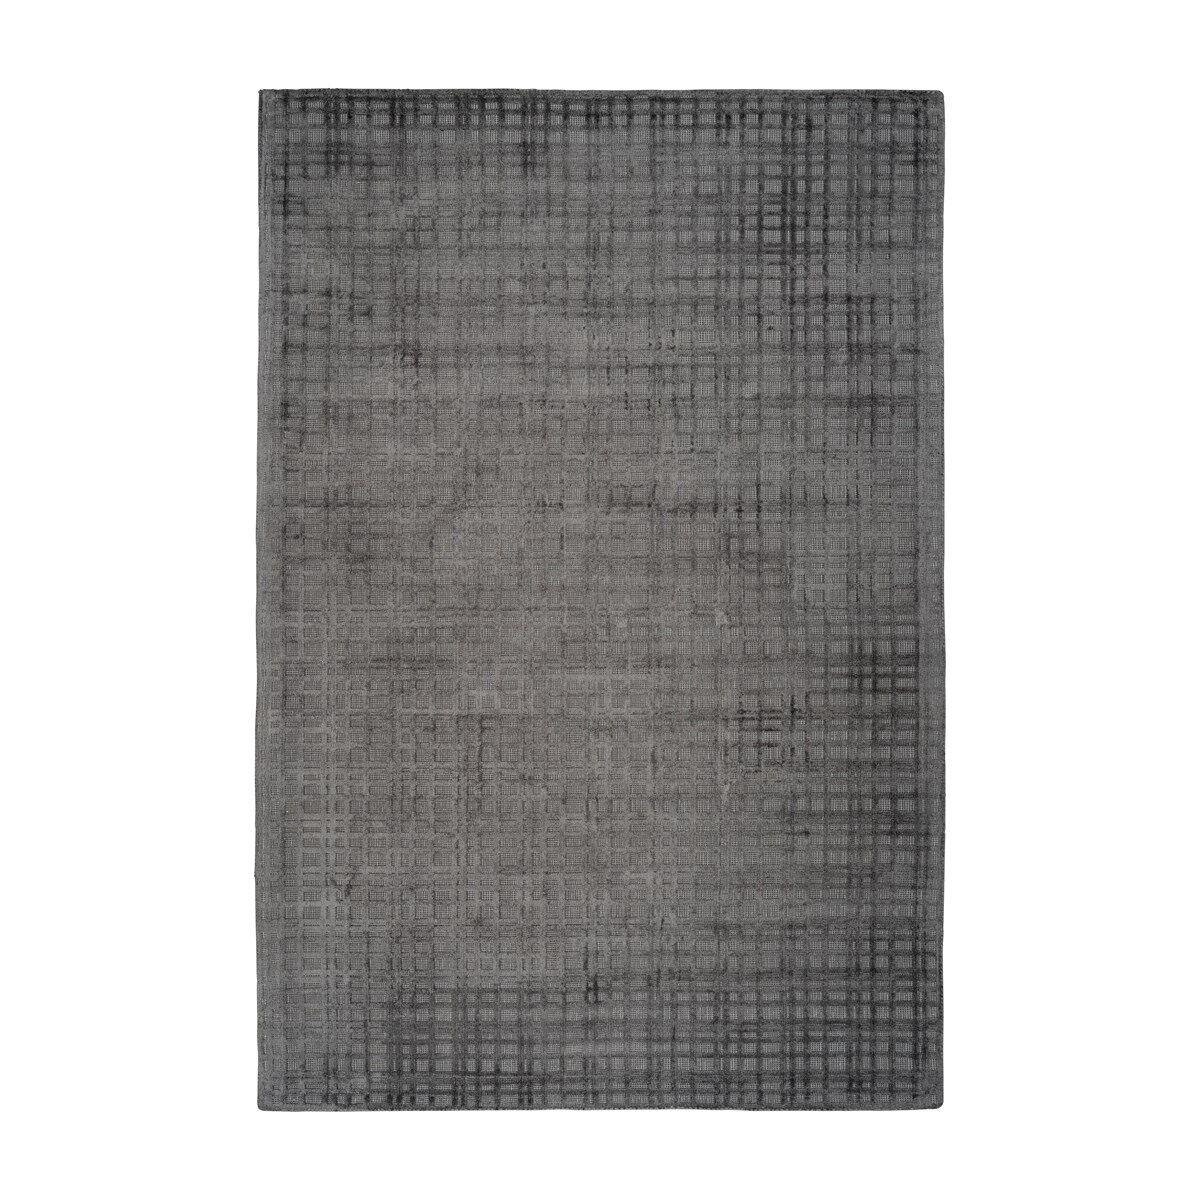 Novatrend Tapis moderne fait main en Viscose Gris anthracite 160x230 cm